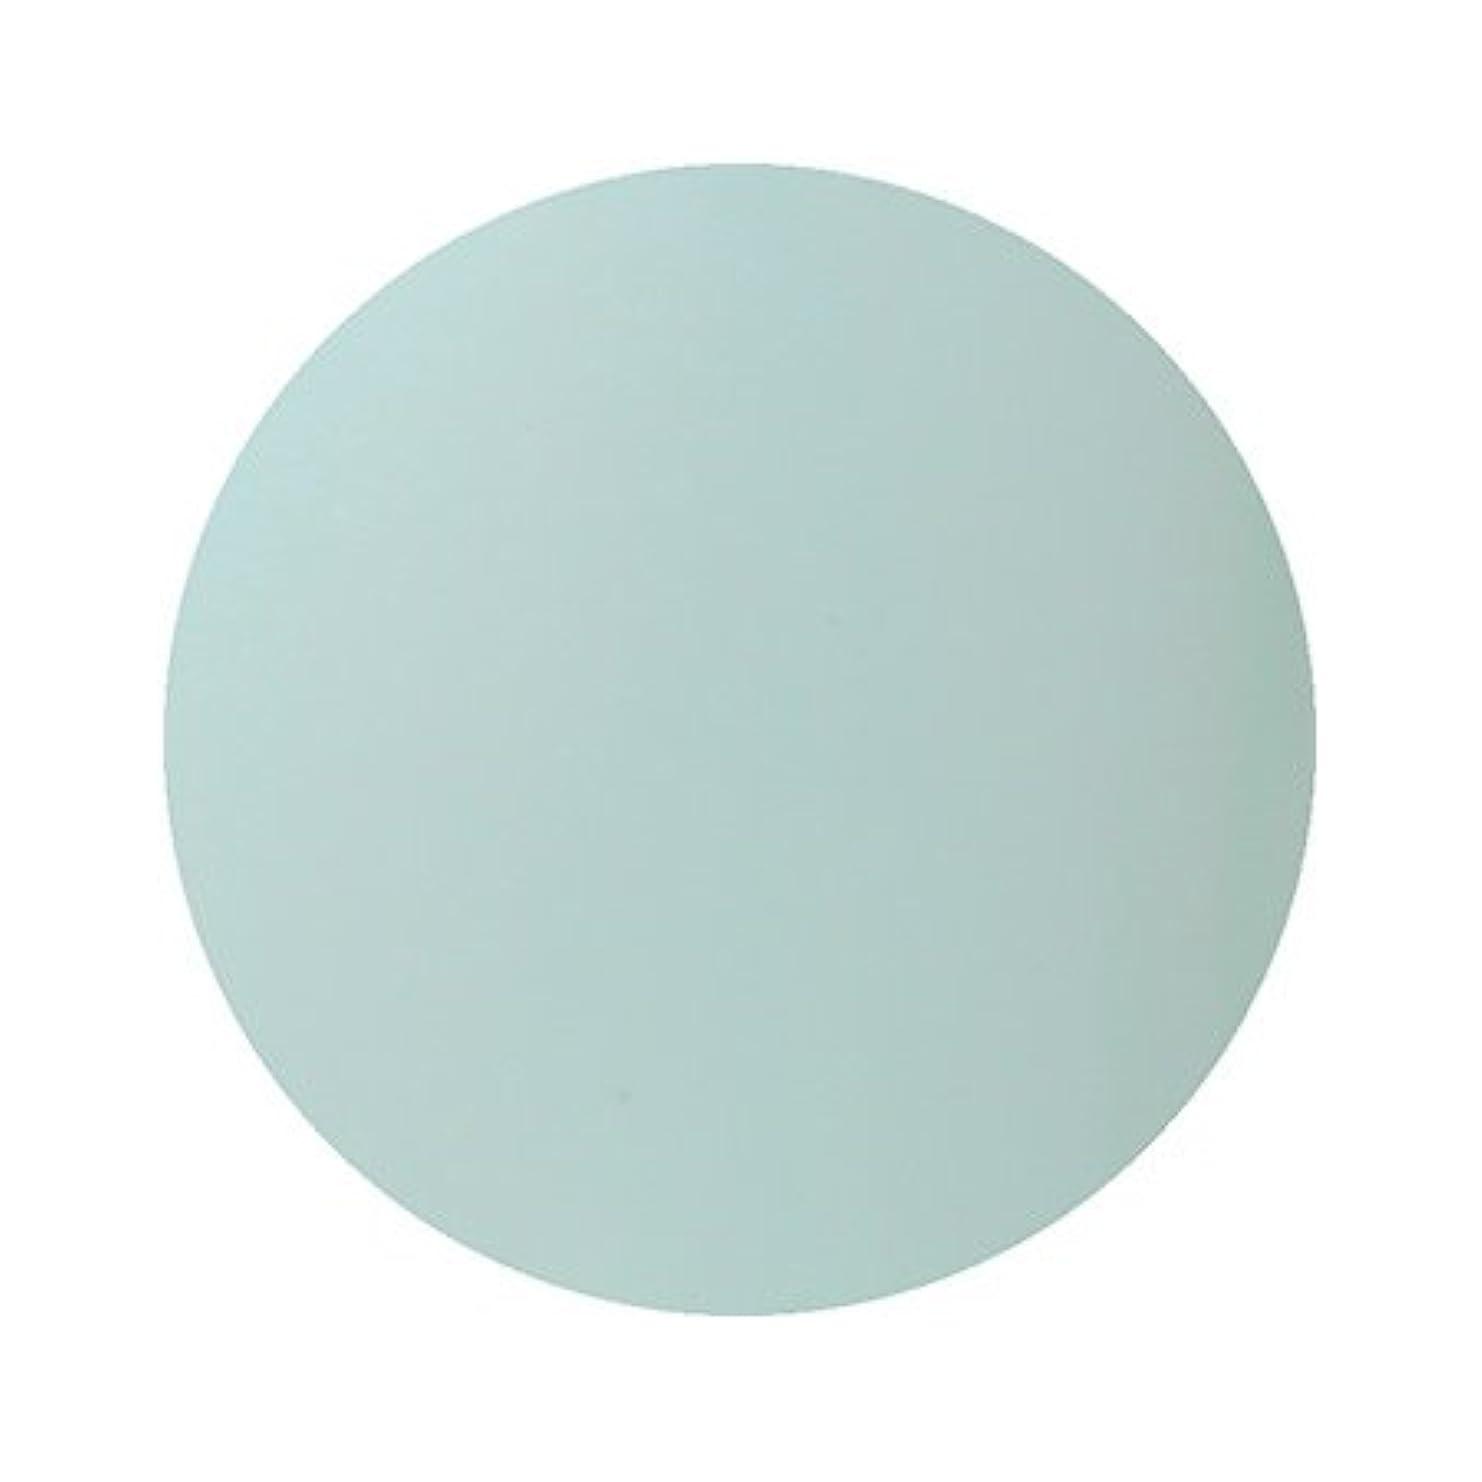 興奮金属断言するパラポリッシュ ハイブリッドカラージェル M9 アイスブルー 7g